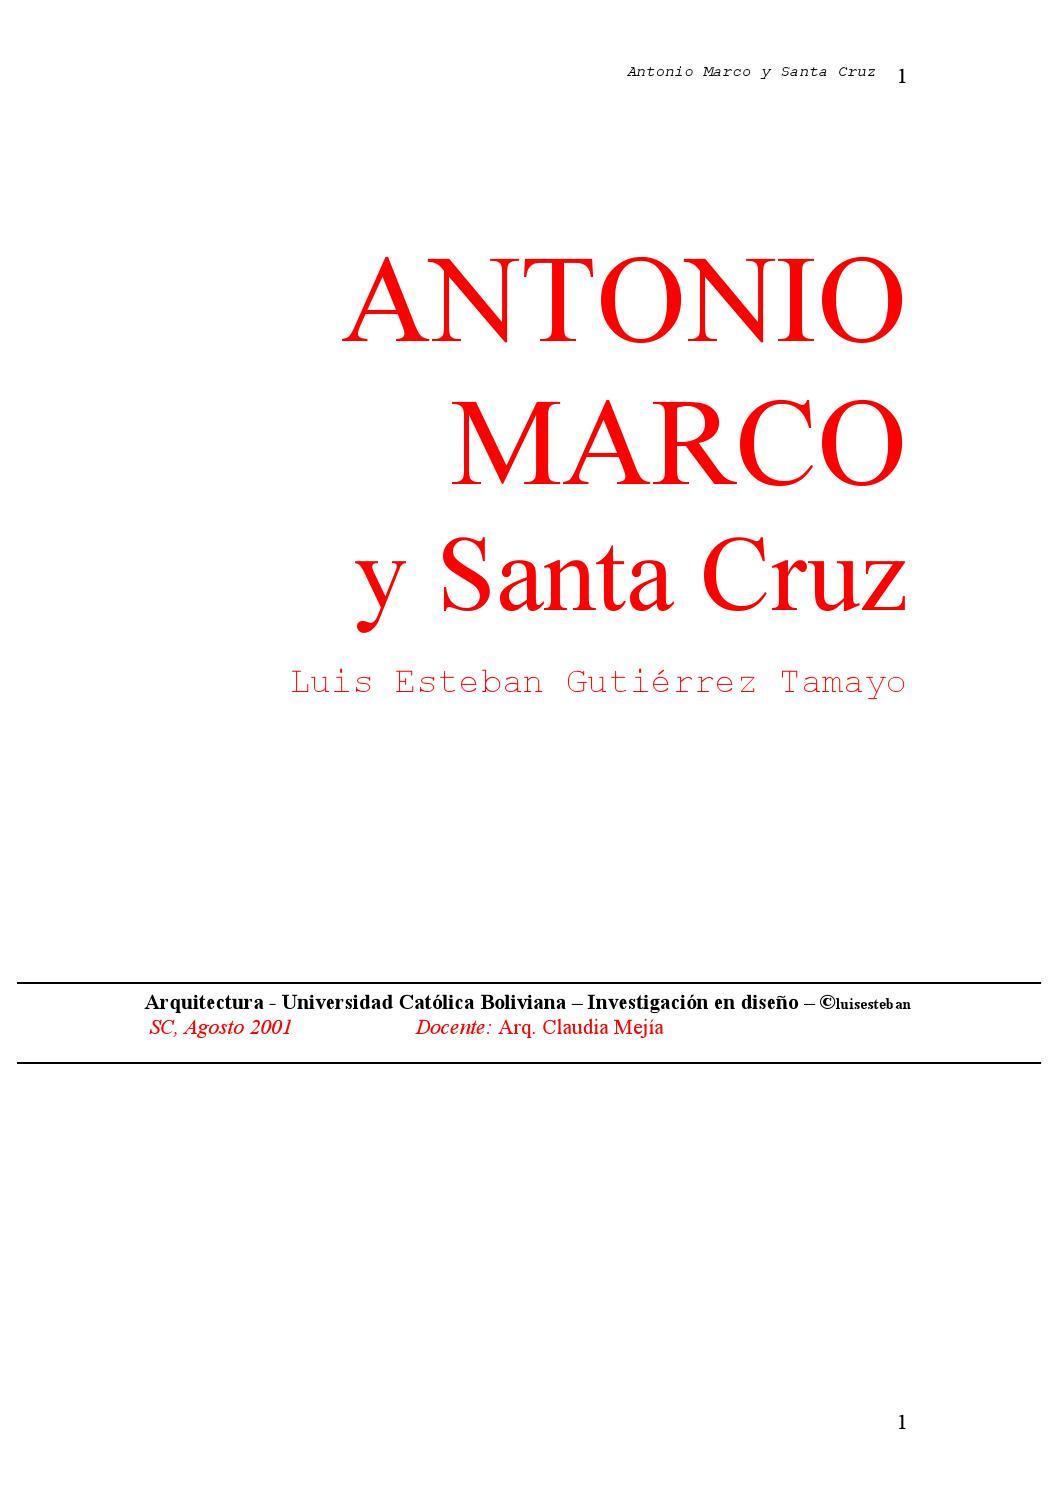 Antonio Marco y Santa Cruz by Luis Esteban Gutiérrez Tamayo - issuu